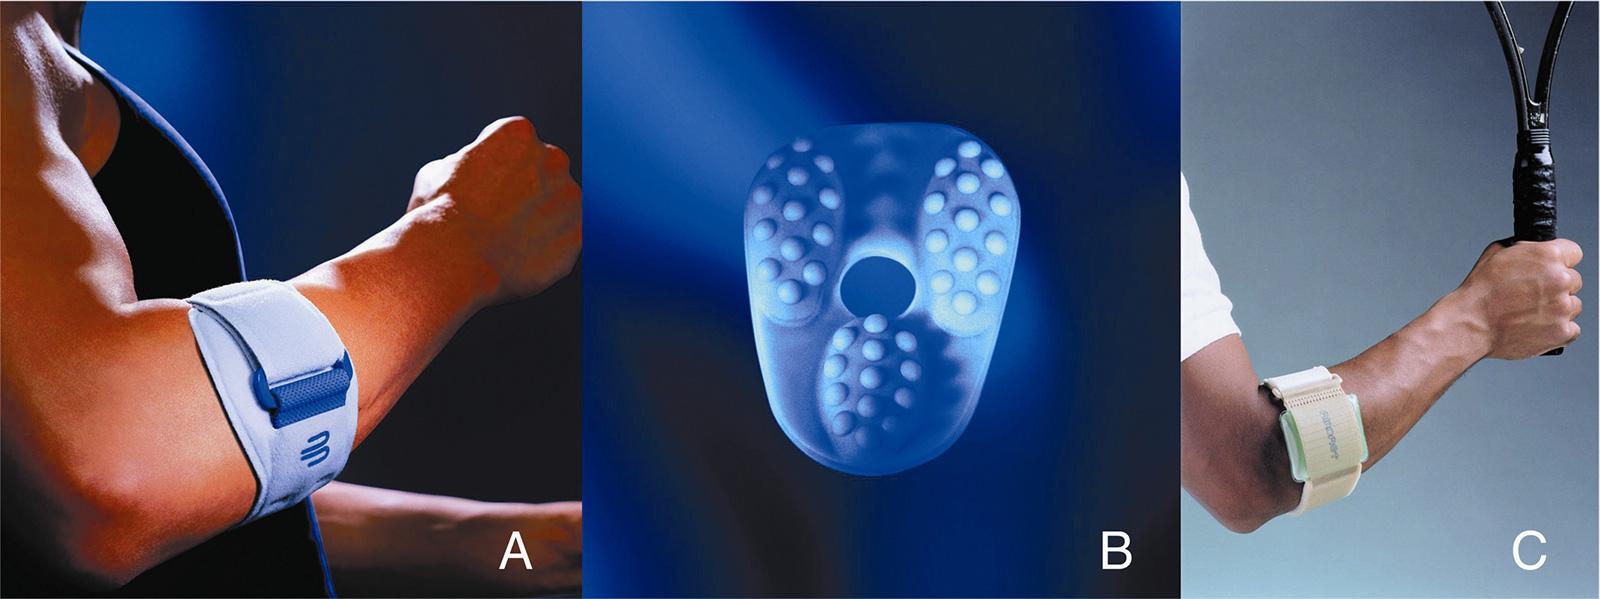 Abb. 10-10: Epipoint (A) zur Therapie der Epicondylitis humeri durch dosierte Kompression (B) der Sehne (mit freundlicher Genehmigung der Bauerfeind Orthopädie GmbH), pneumatisches Armband (mit freundlicher Genehmigung der Aircast Europe GmbH)